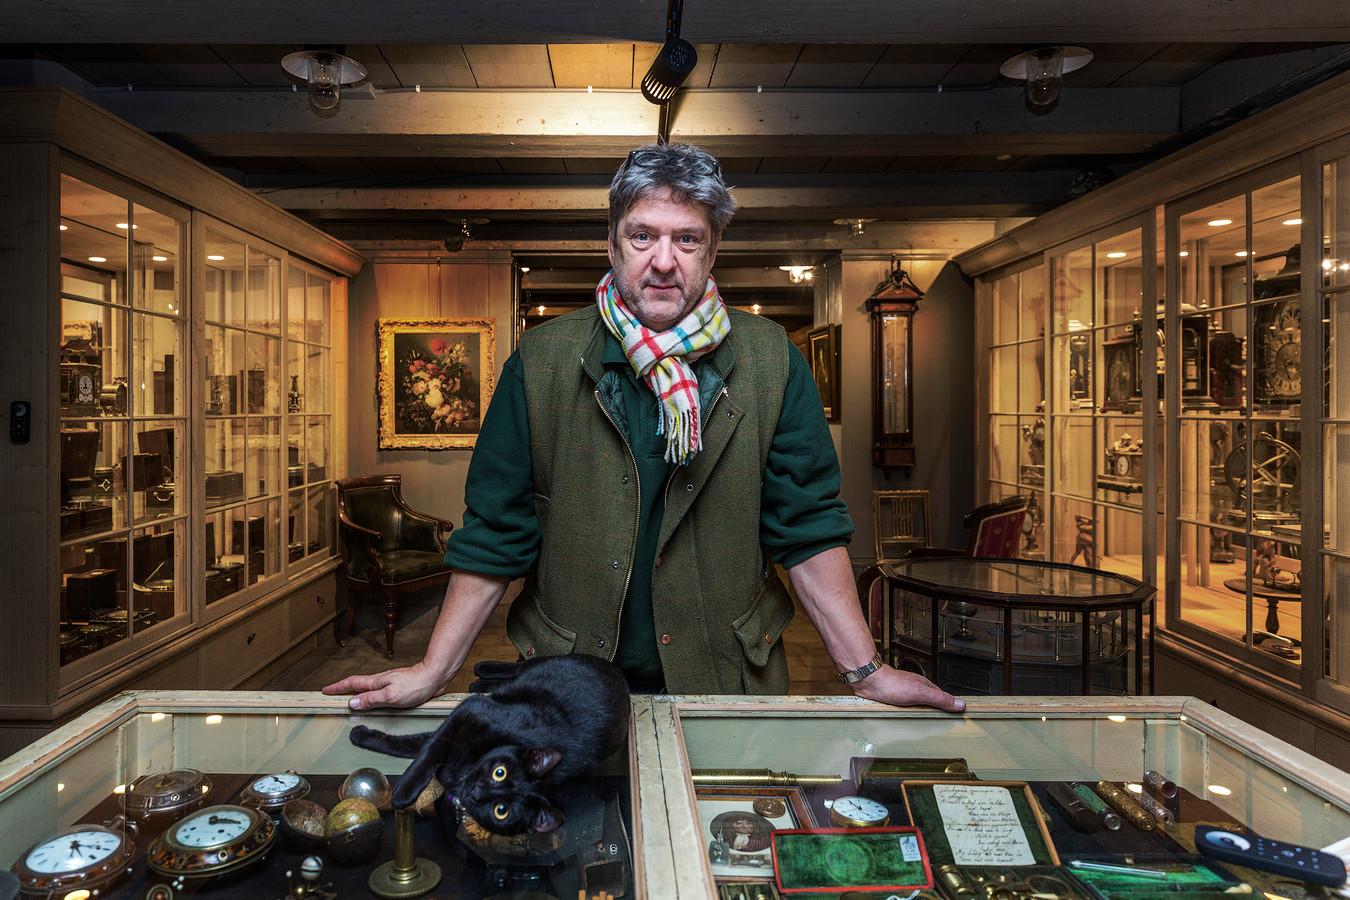 Antiquair en kunstverzamelaar Bert Degenaar, bekend van het tv-programma Van onschatbare waarde, geeft de plaquette in bruikleen aan Slot Zuylen.